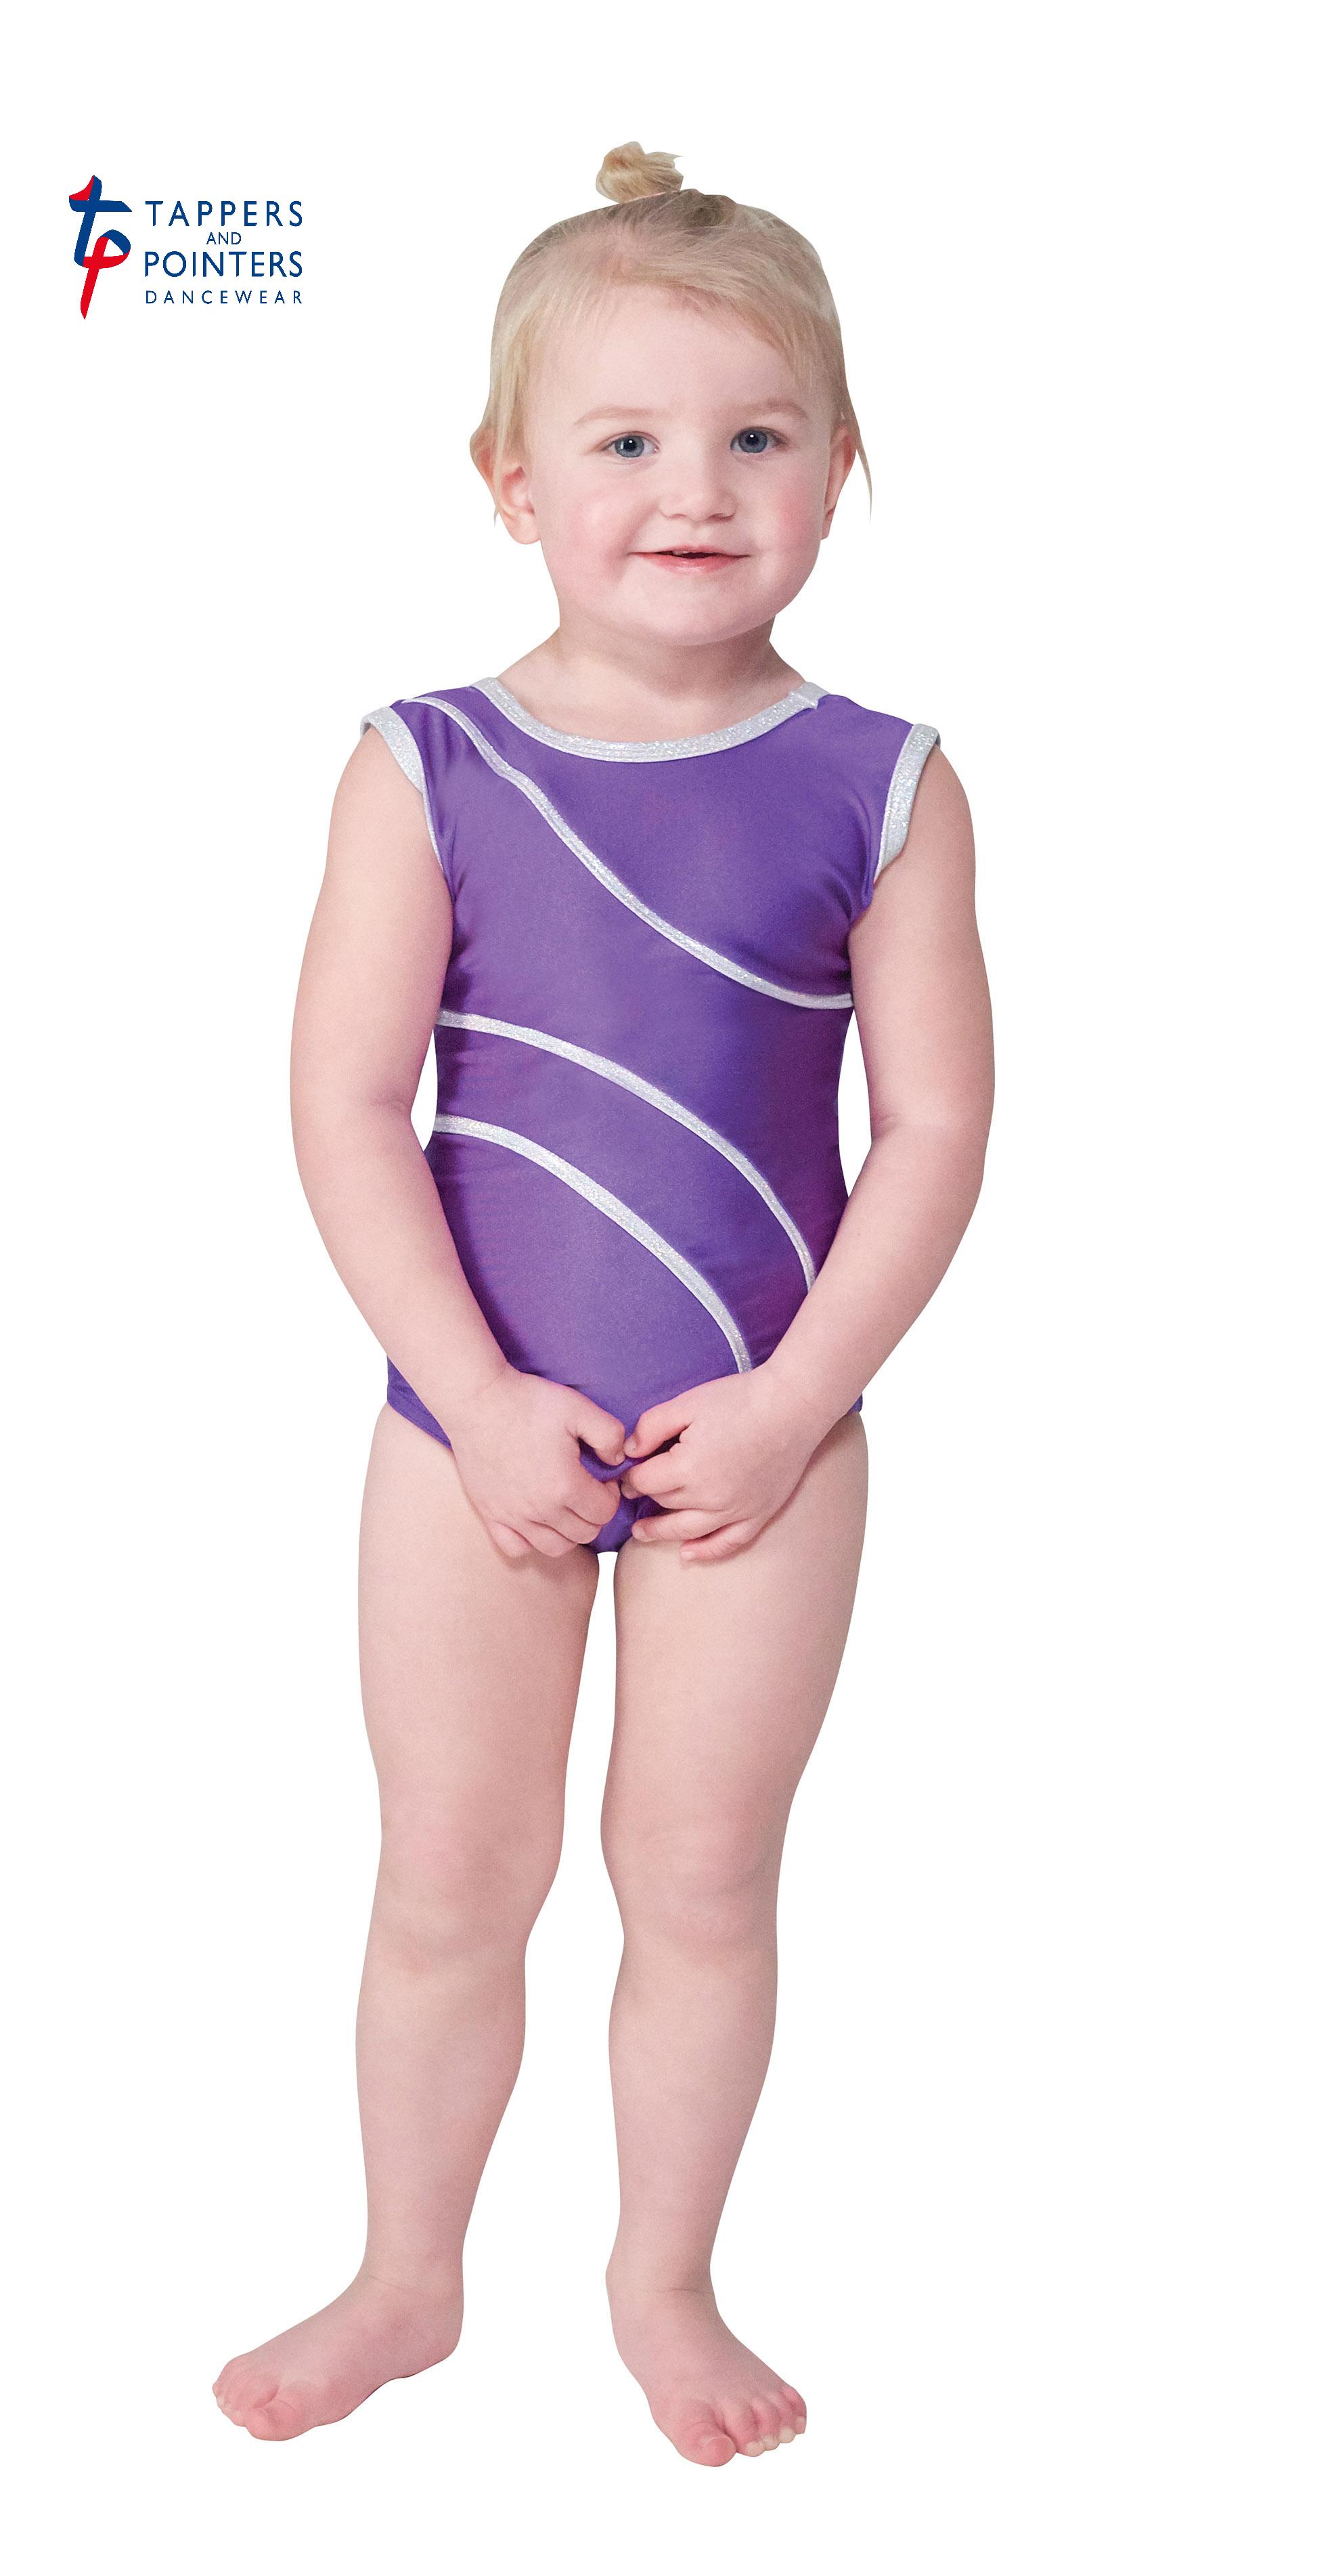 f04bfecb0 DEL 1 Dancewear leotard in purple with silver hologram embedded ...